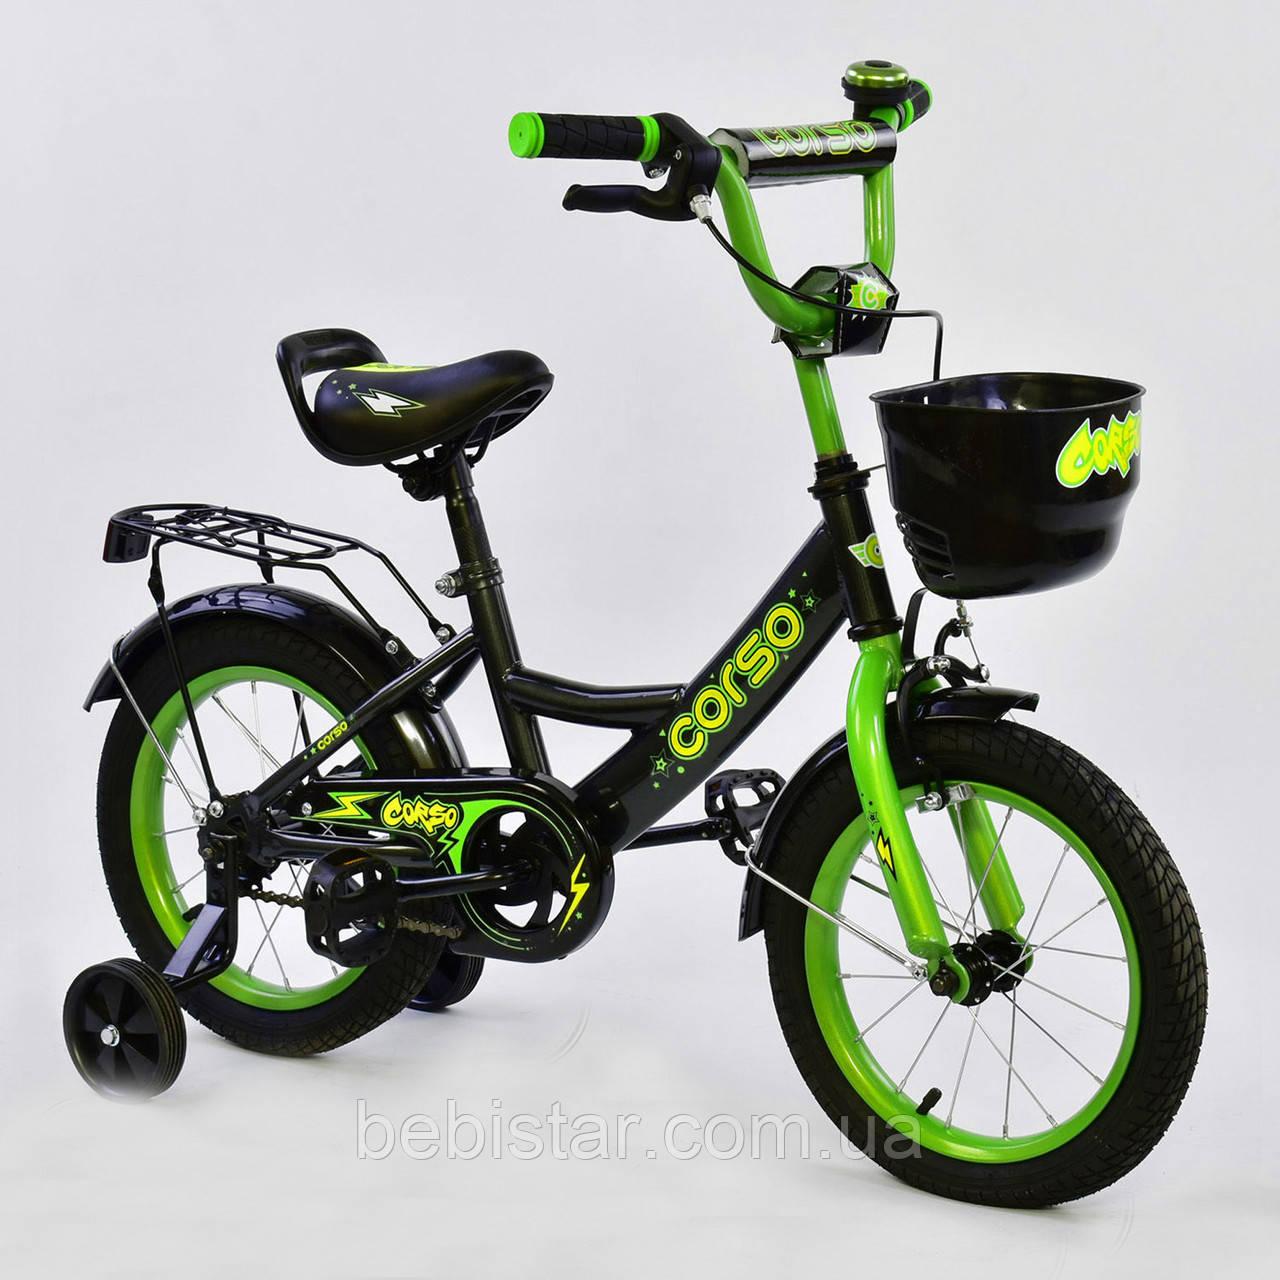 """Двоколісний дитячий велосипед чорний ручне гальмо дзвіночок кошик Corso 14"""" дітям 3-5 років"""